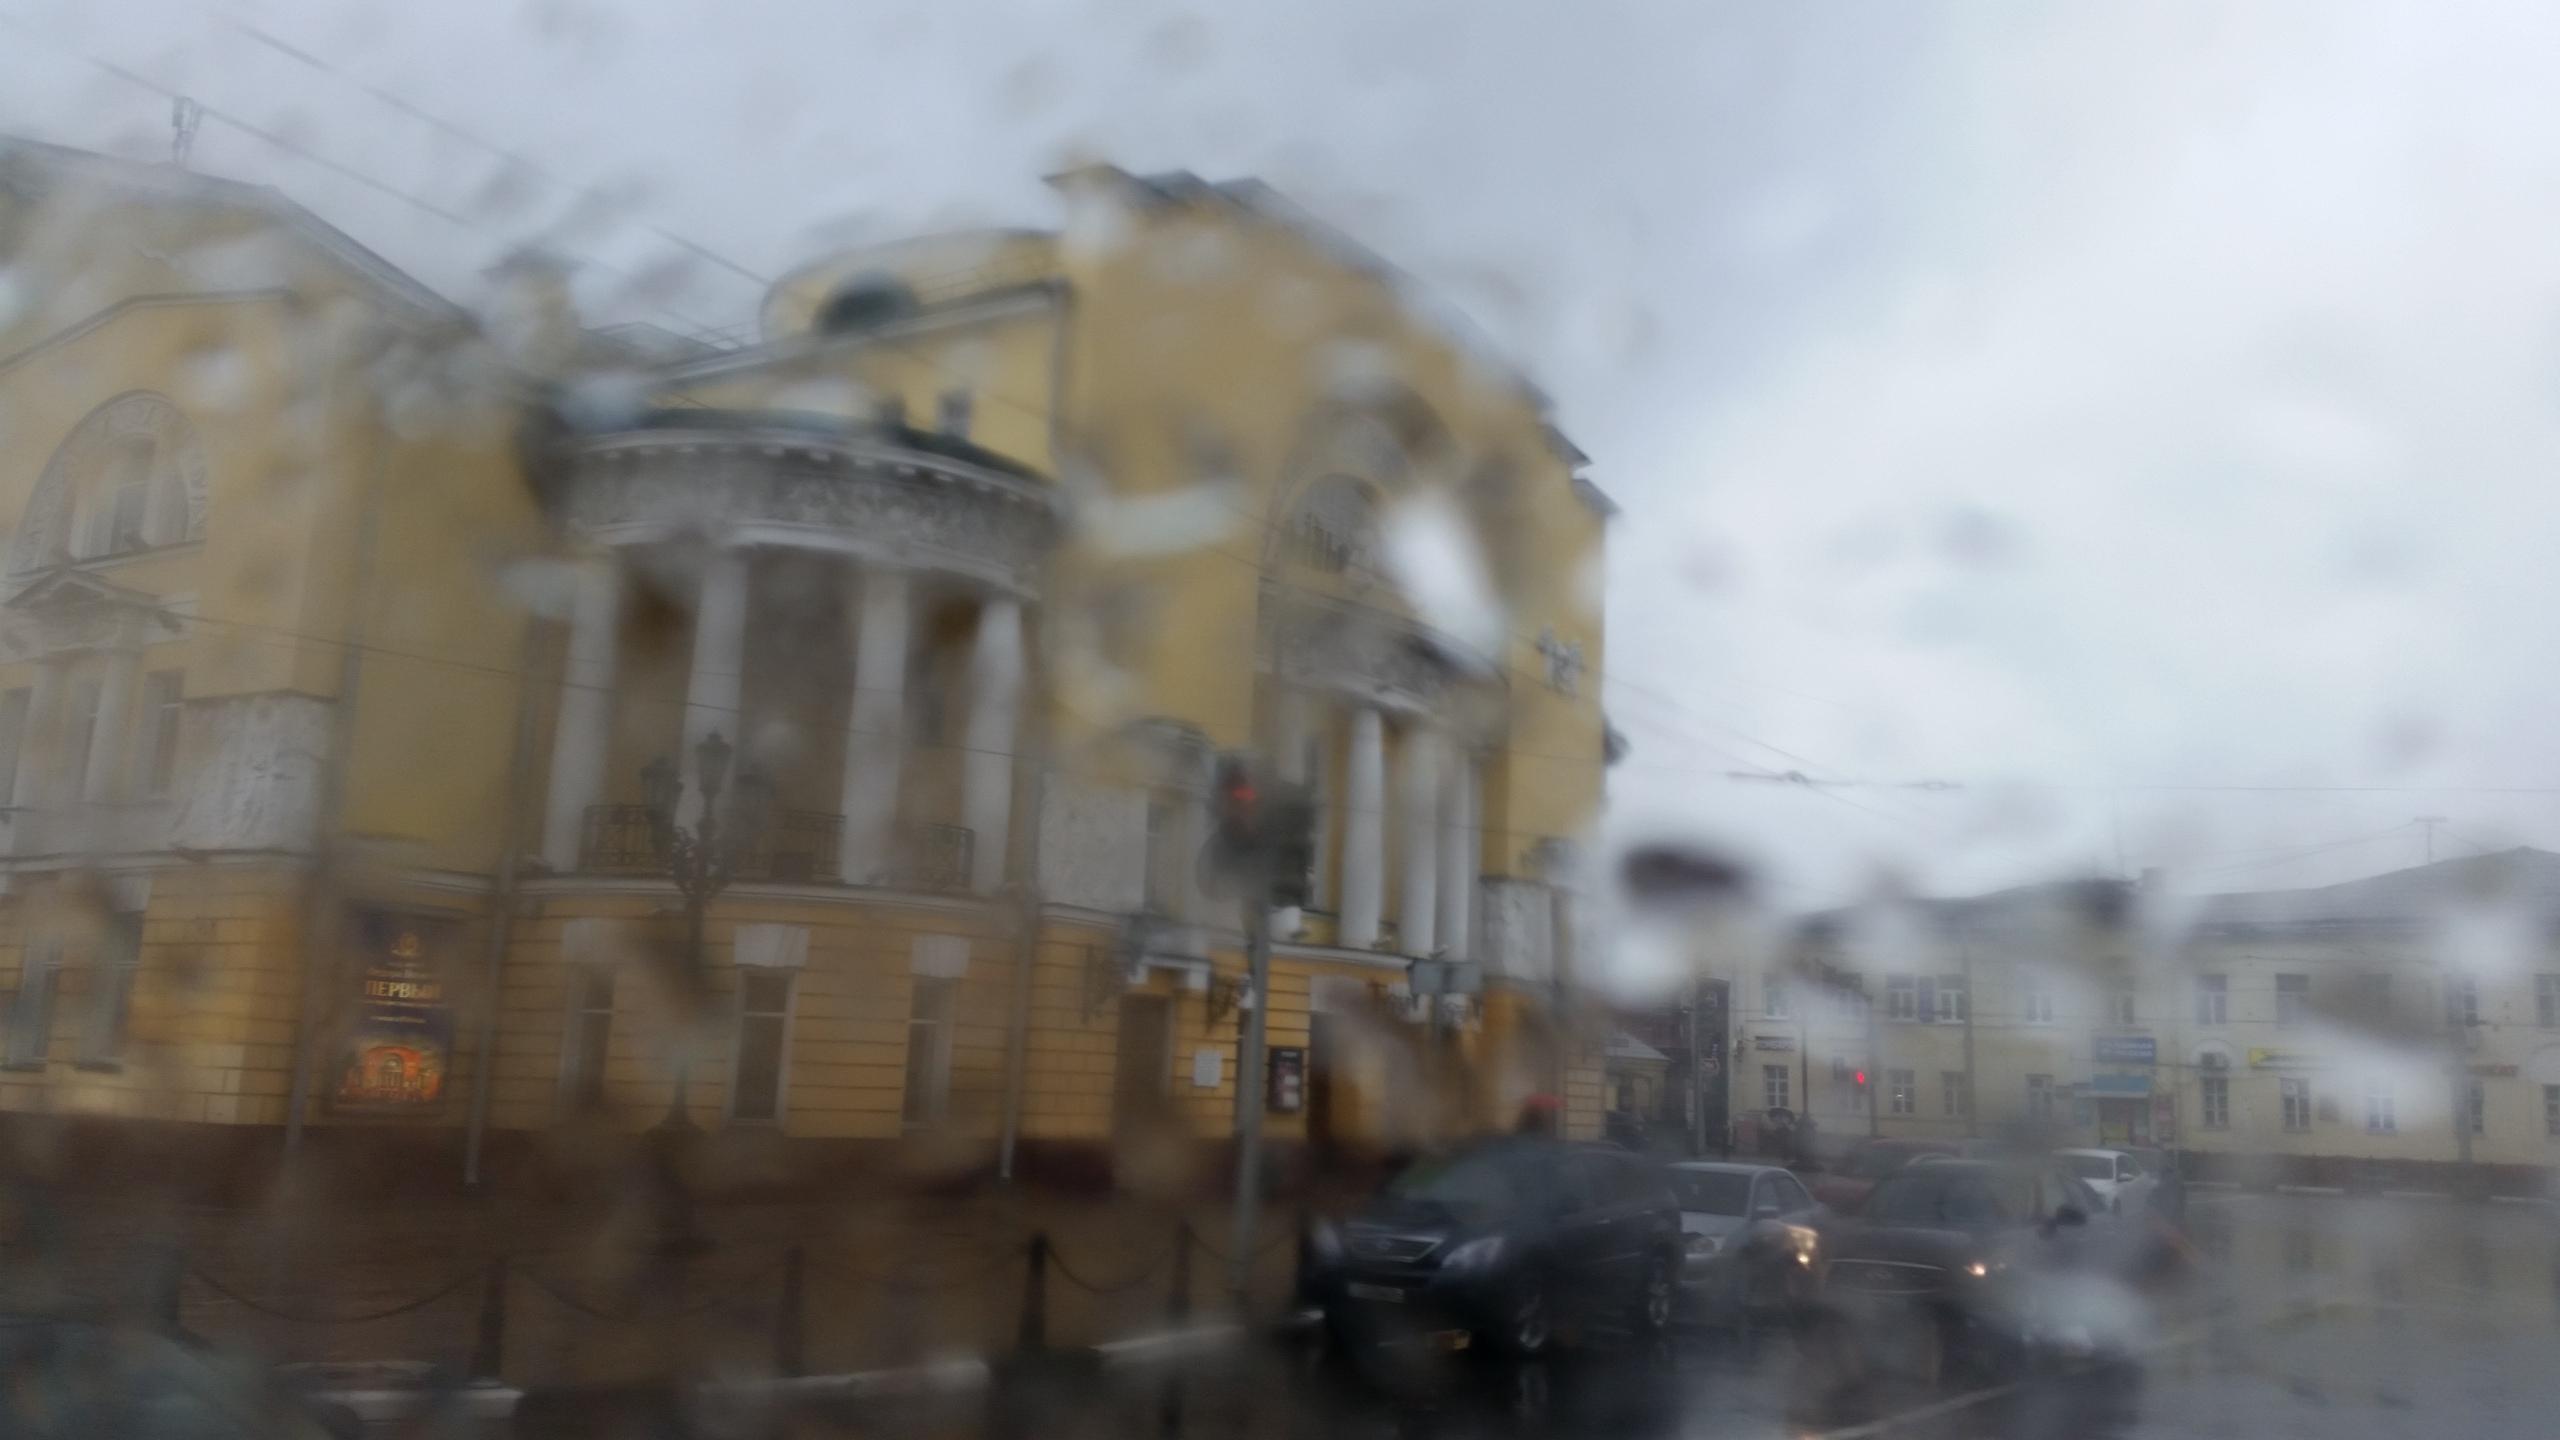 Погода «потенциально опасна»: ярославское МЧС выпустило экстренное предупреждение